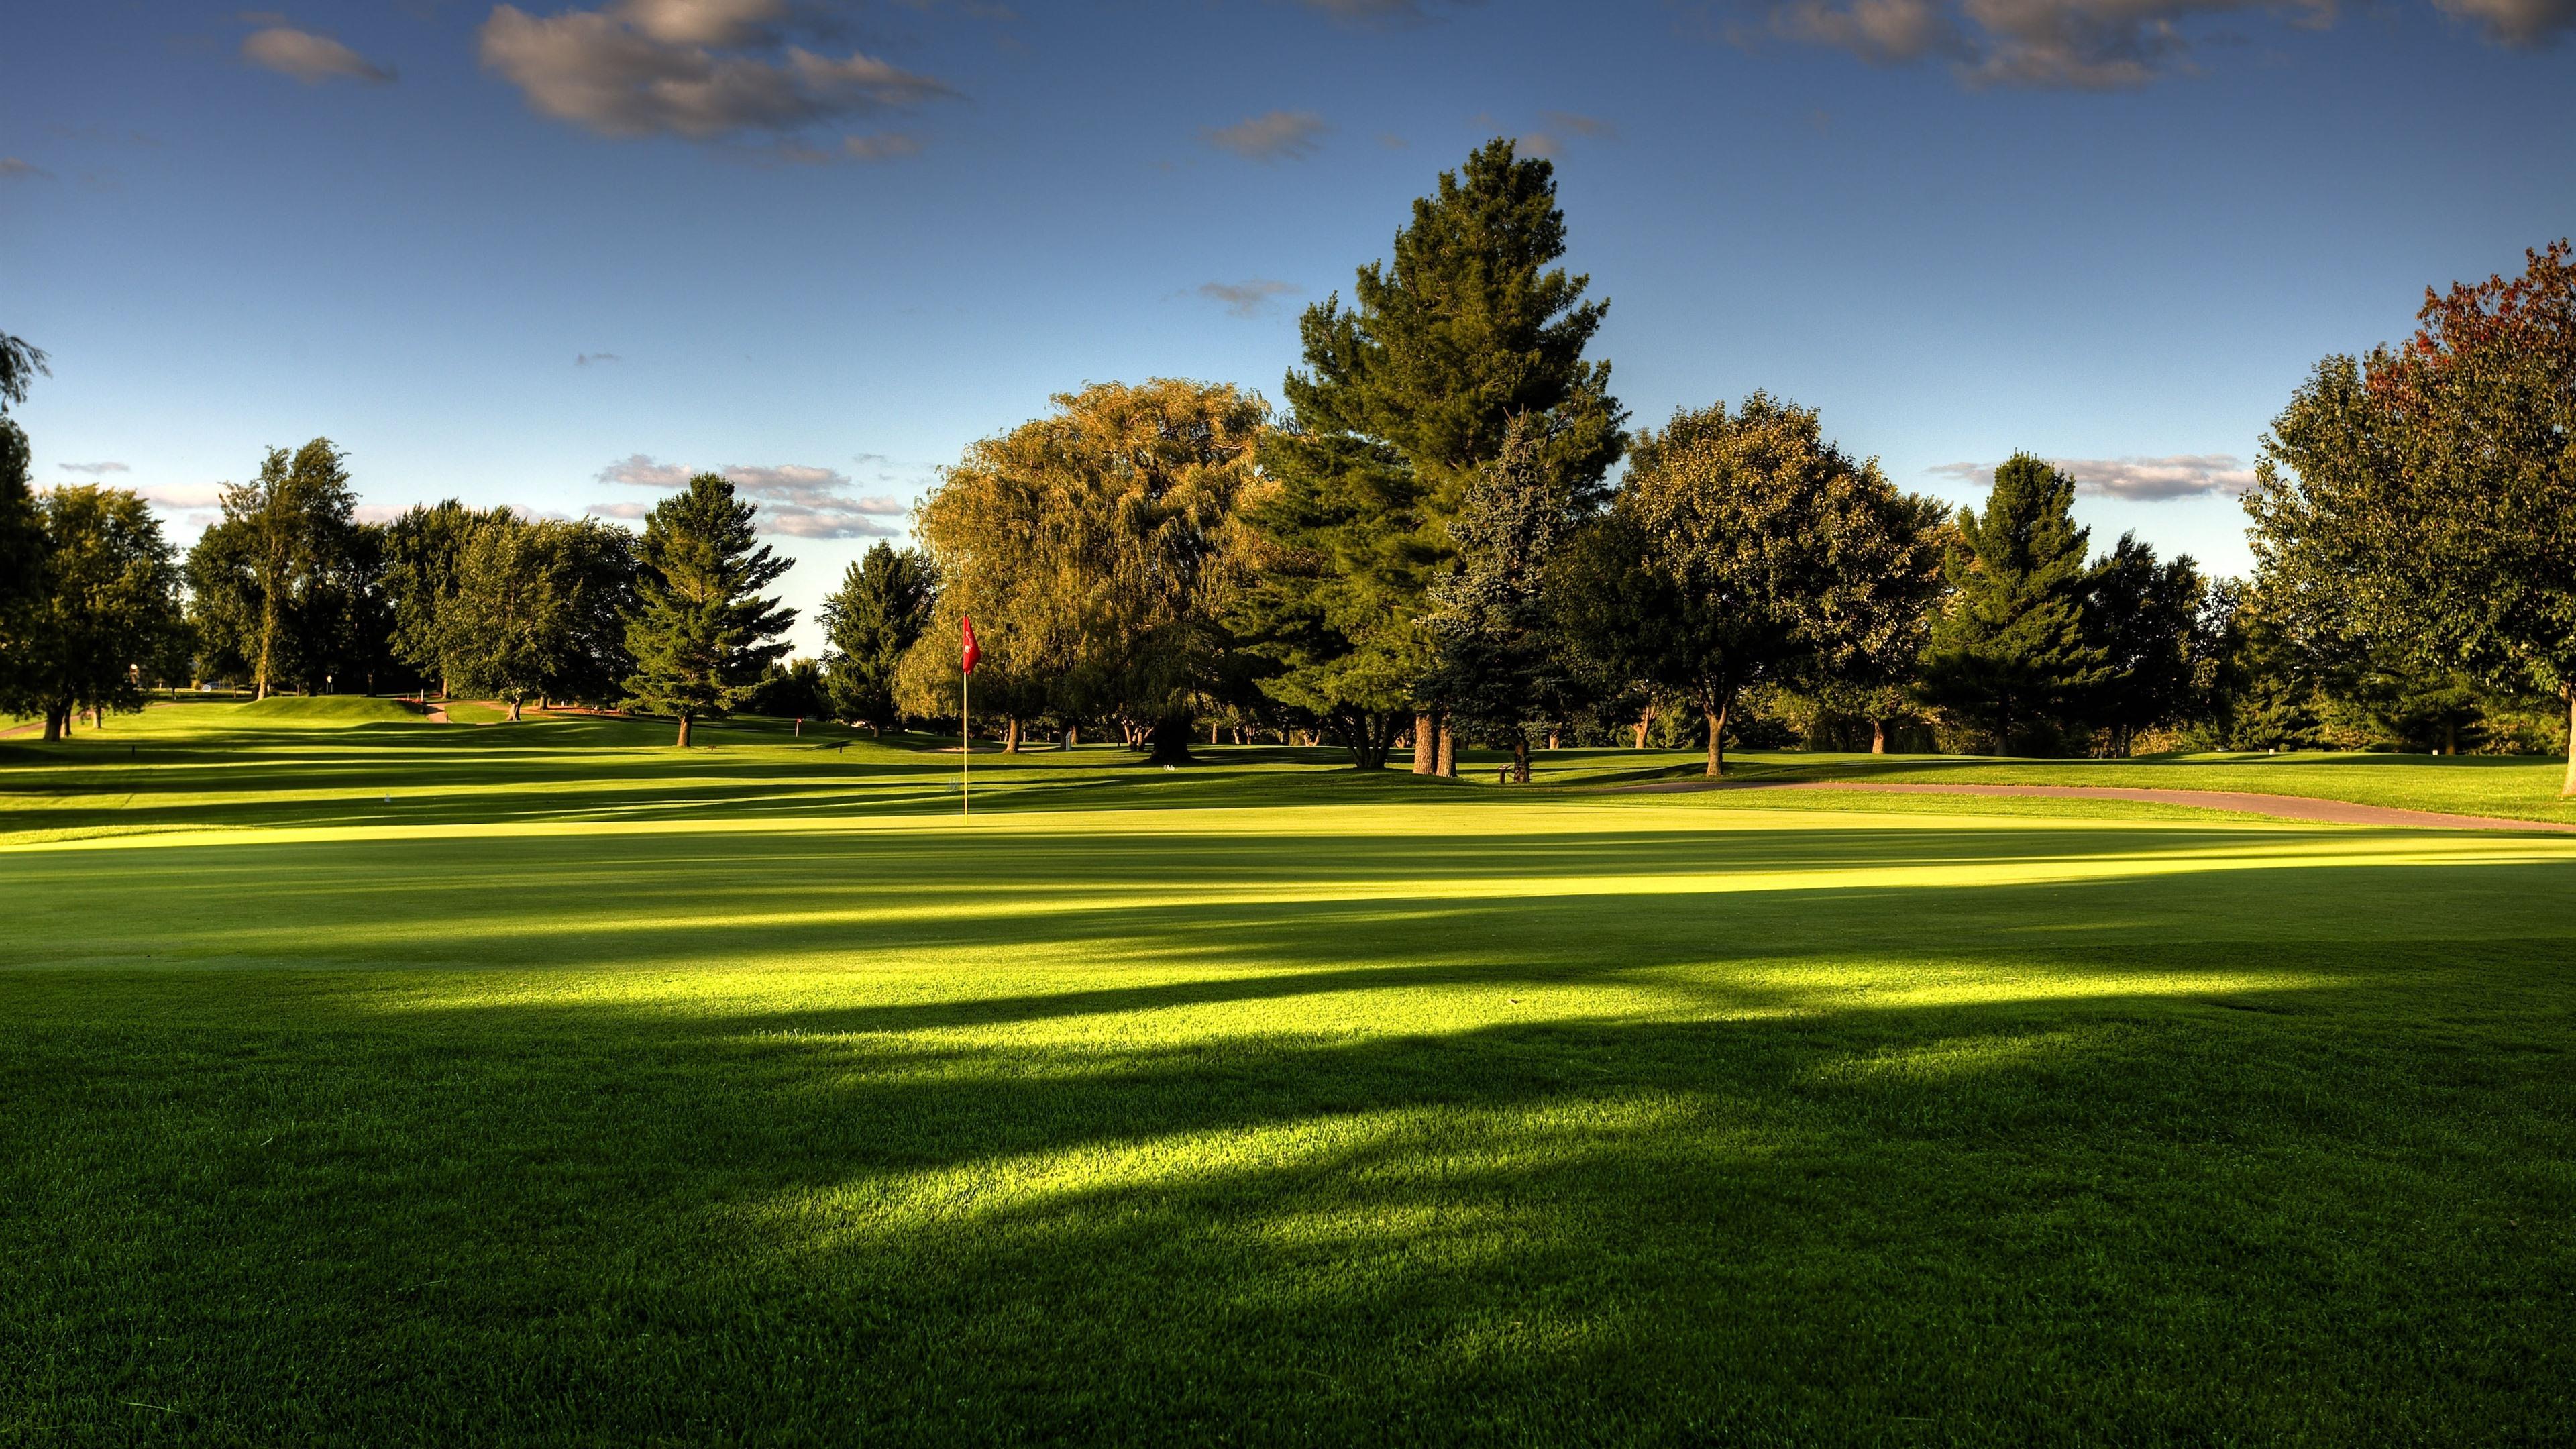 Fondos De Pantalla Césped Campo De Golf árboles 3840x2160